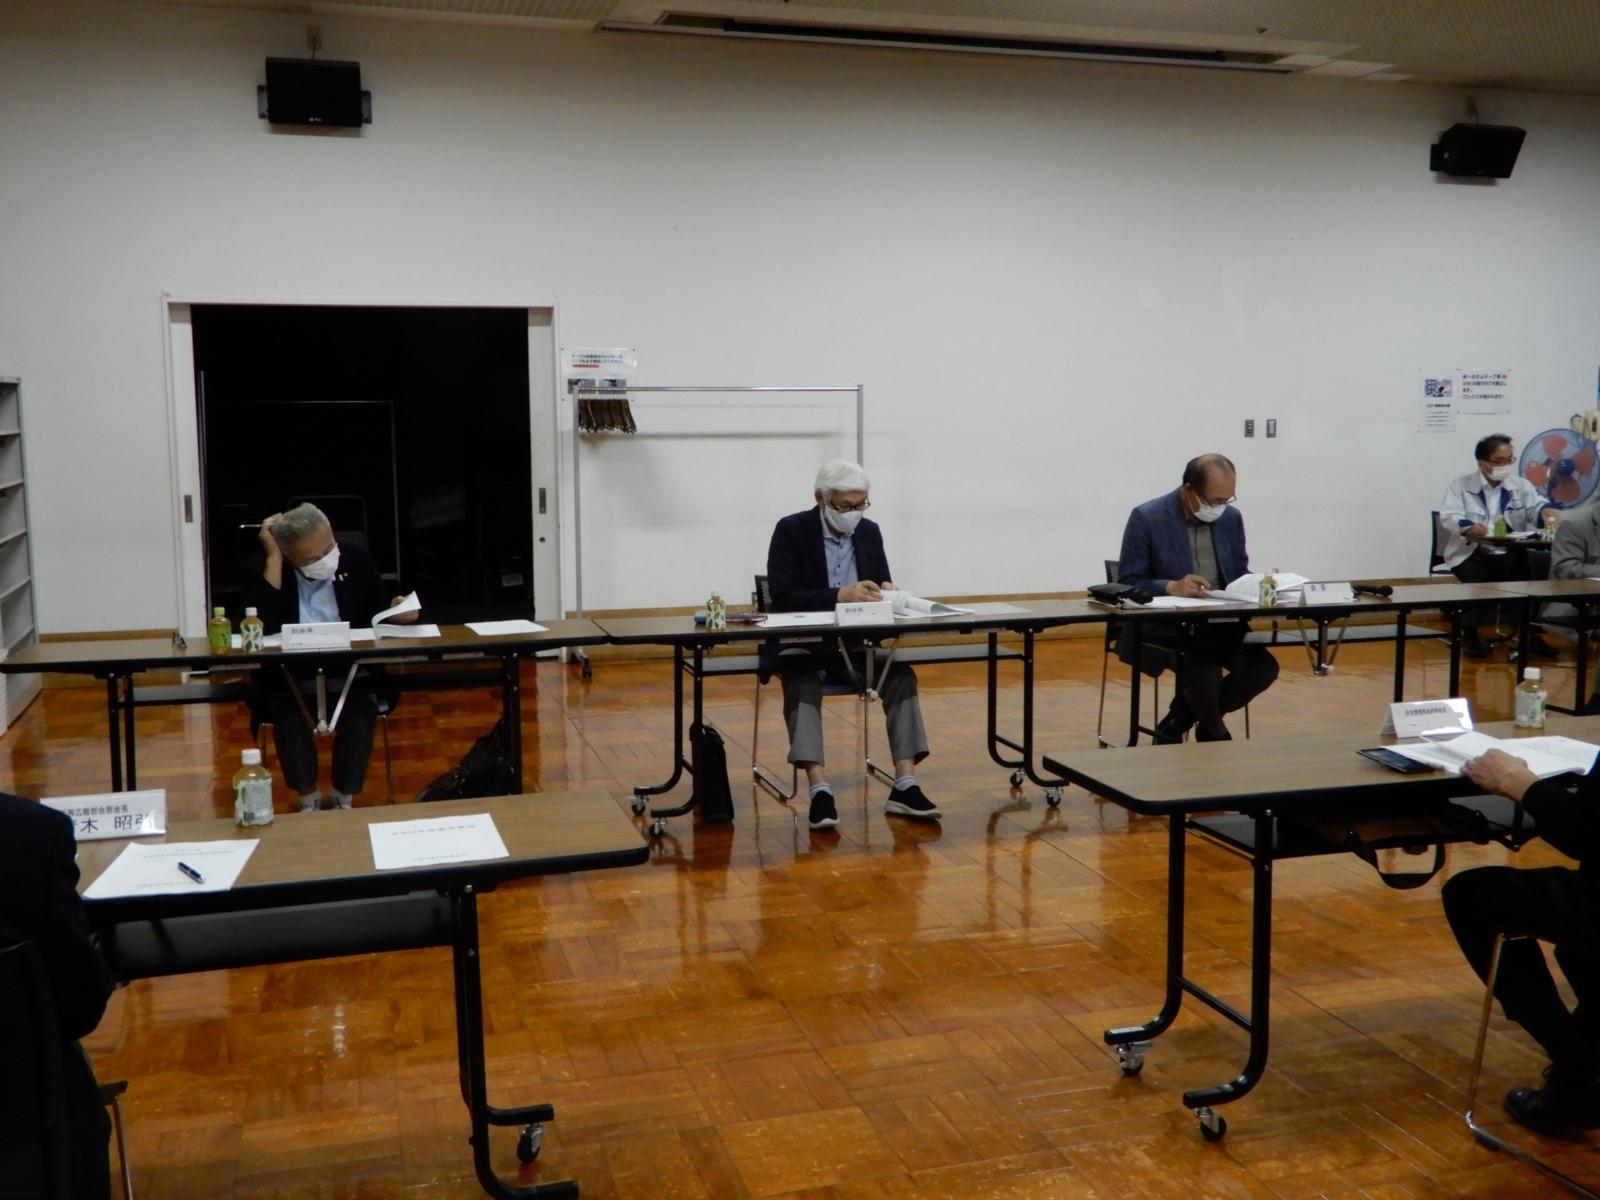 令和3年度市町連要望について(第3回理事会)